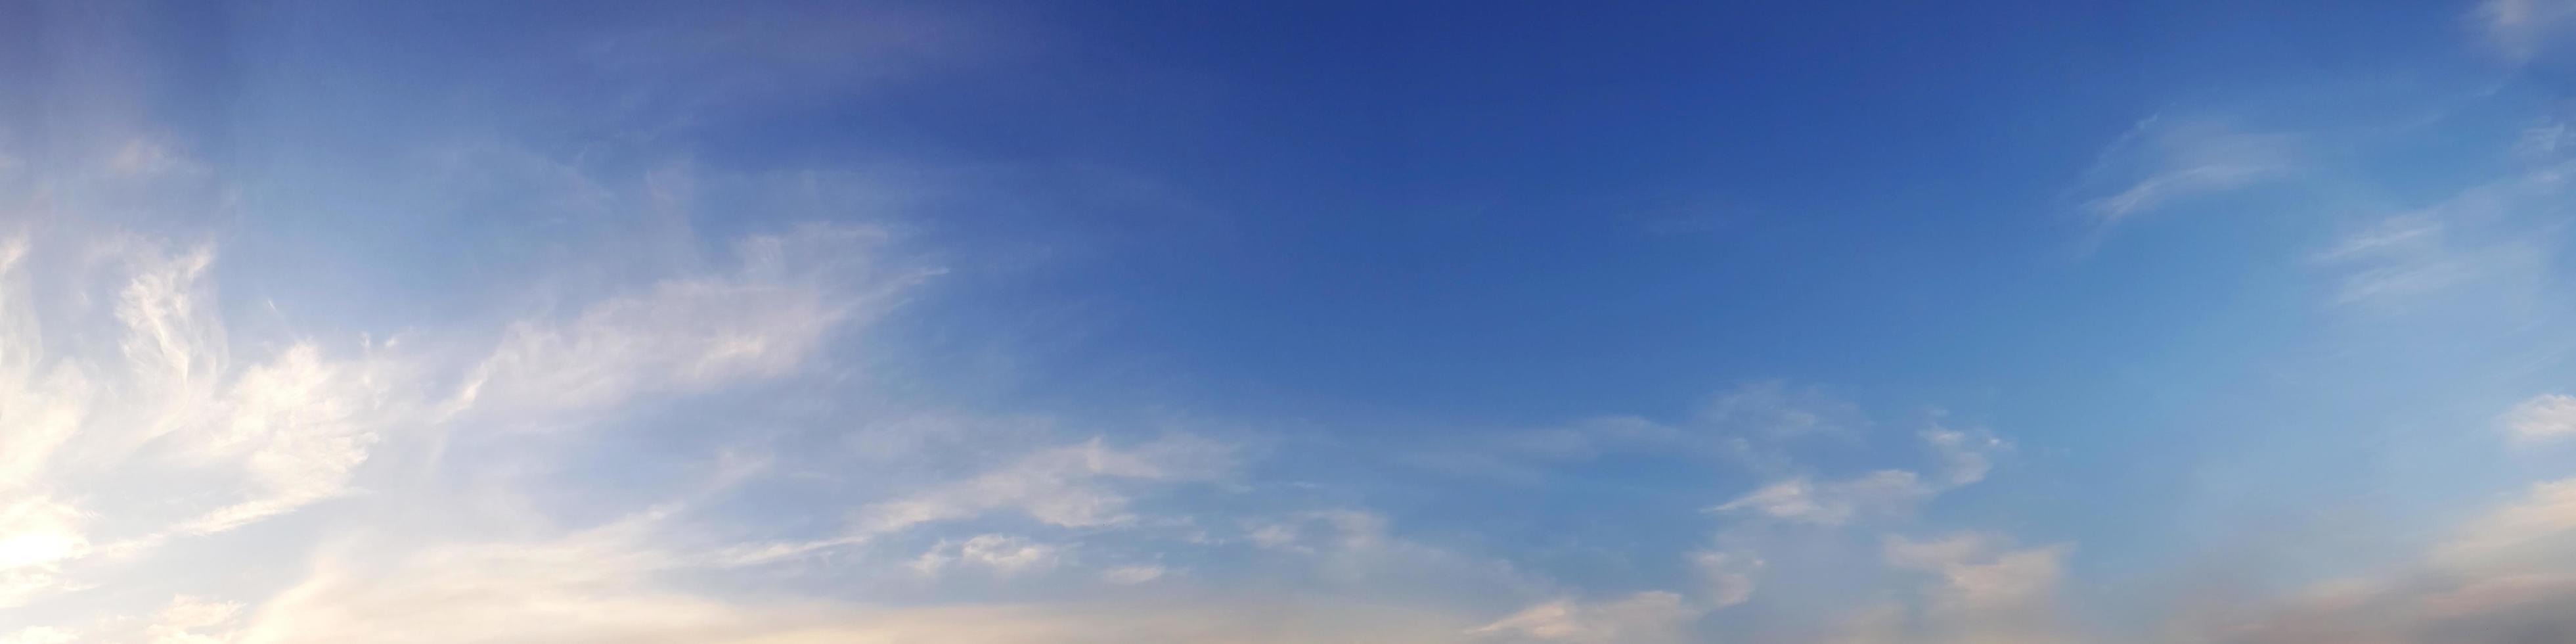 cielo panoramico dai colori vivaci con nuvole in una giornata di sole. foto